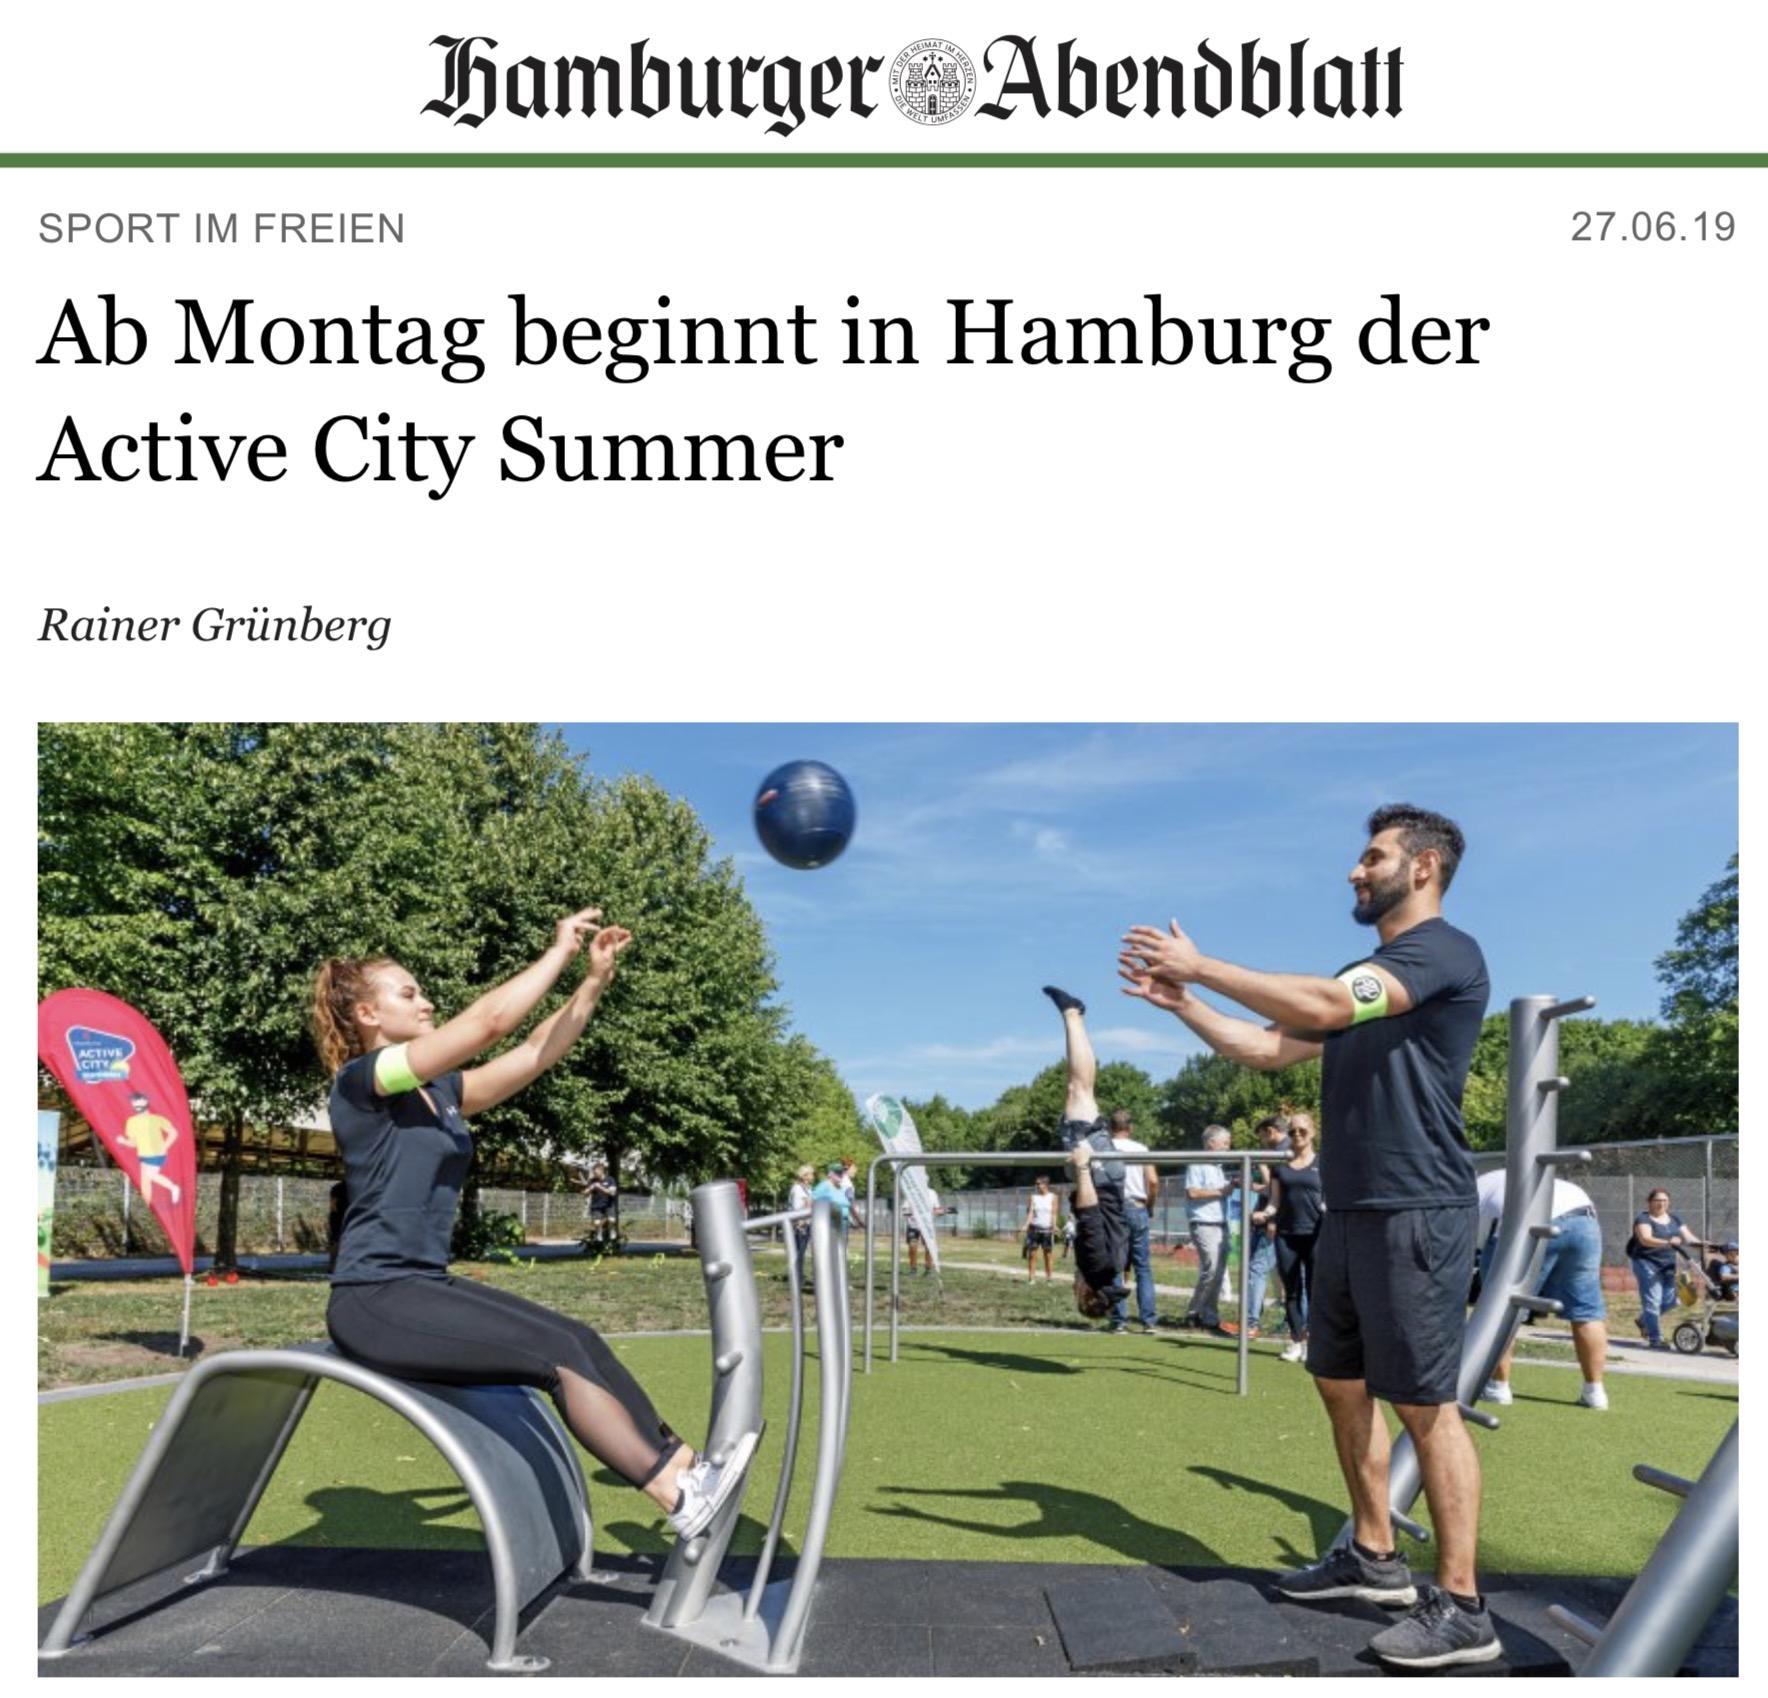 QUELLE: https://www.abendblatt.de/hamburg/article226305907/Ab-Montag-beginnt-in-Hamburg-der-Active-City-Summer.html